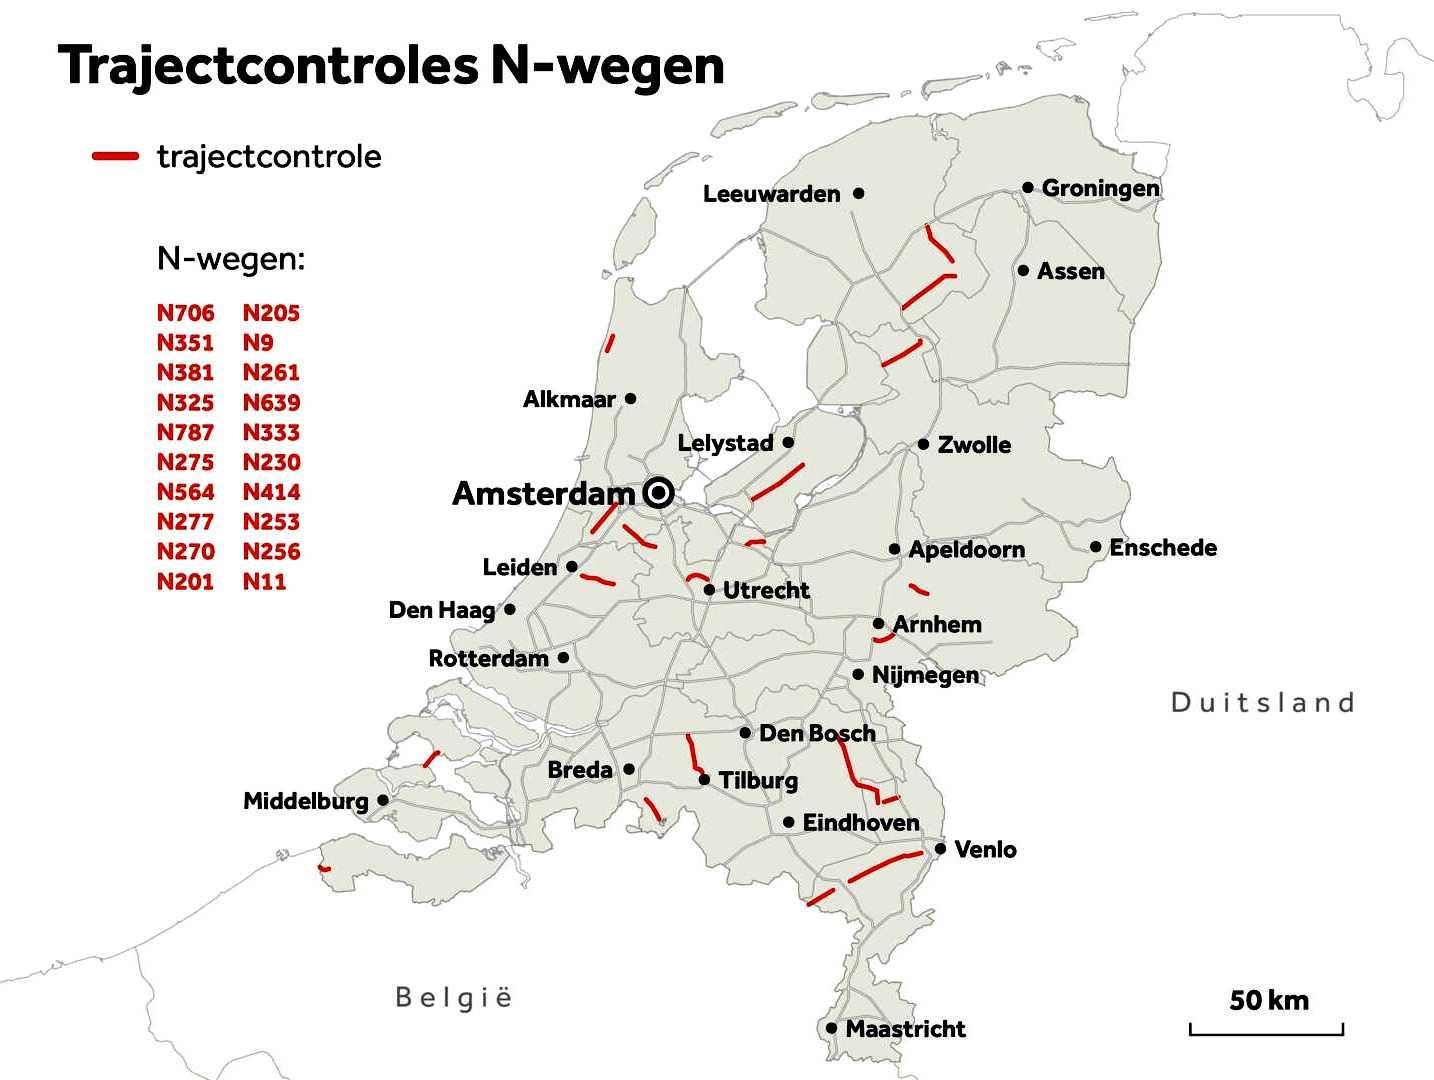 Системы магистрального контроля на провинциальных дорогах. Источник: NOS.